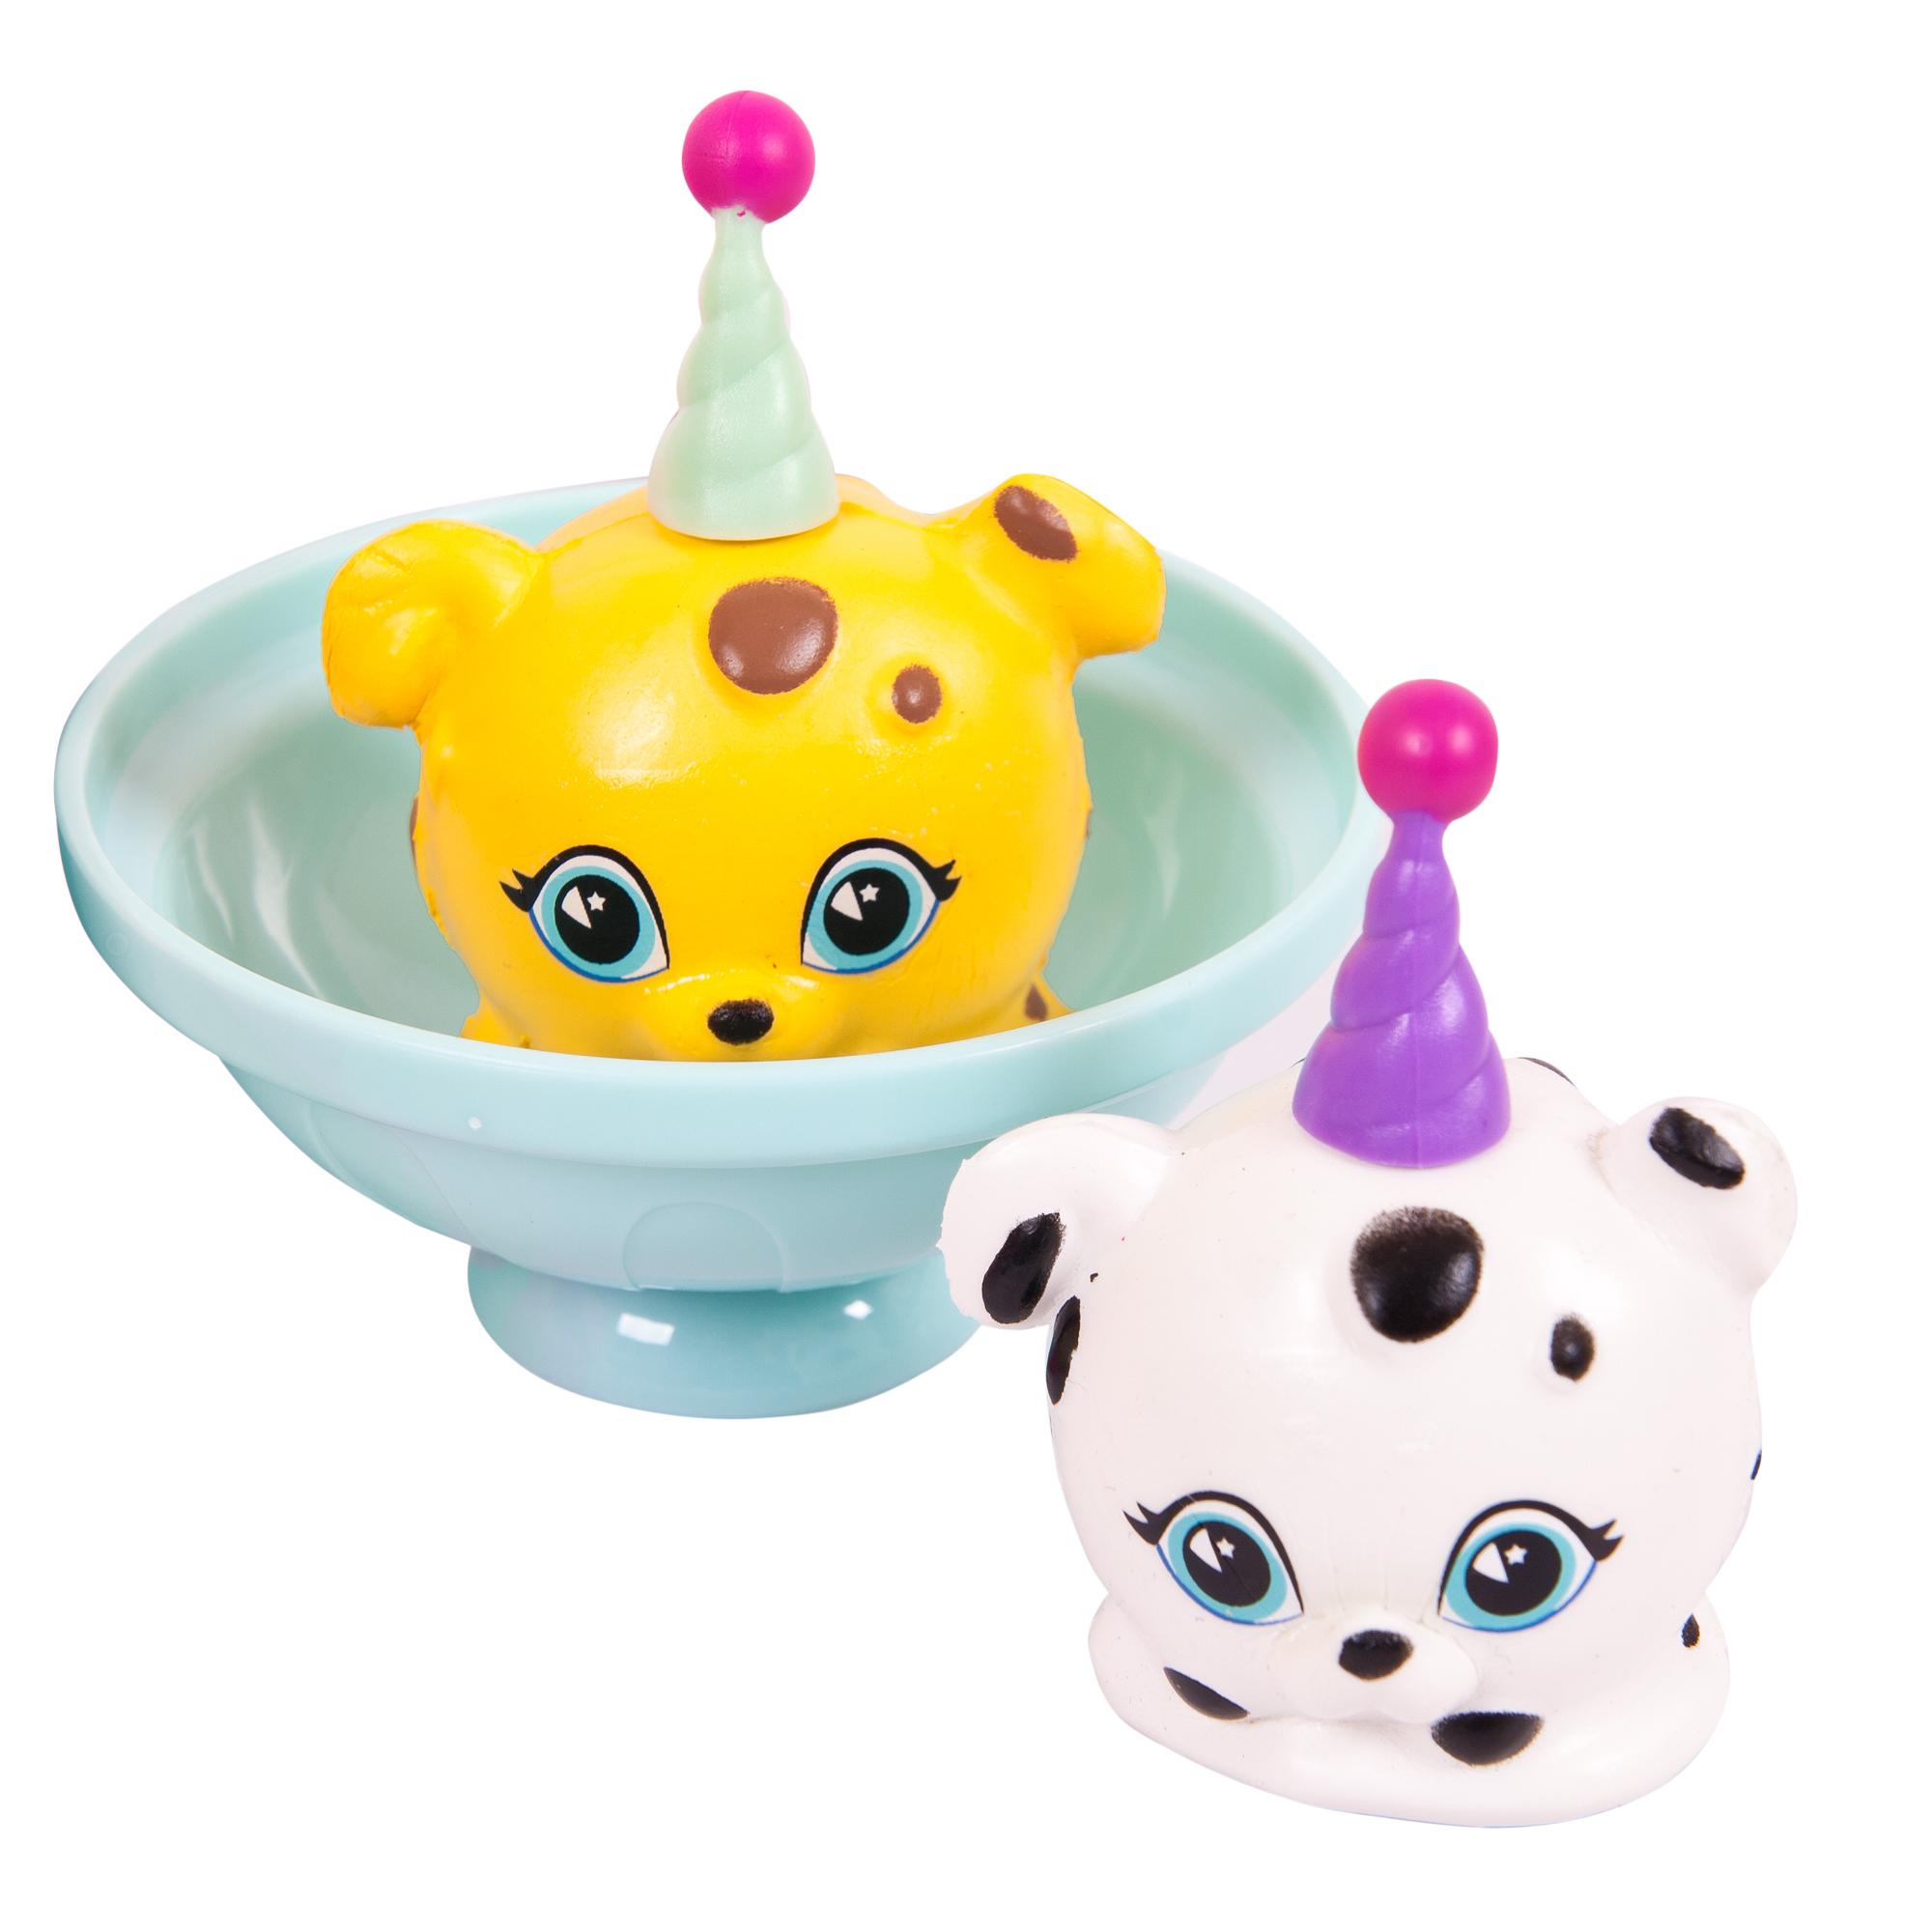 Cake Pop Cuties Игрушки Cake Pop Cuties «Jumbo Pop Single» в индивидуальной капсуле 10 см в асс.